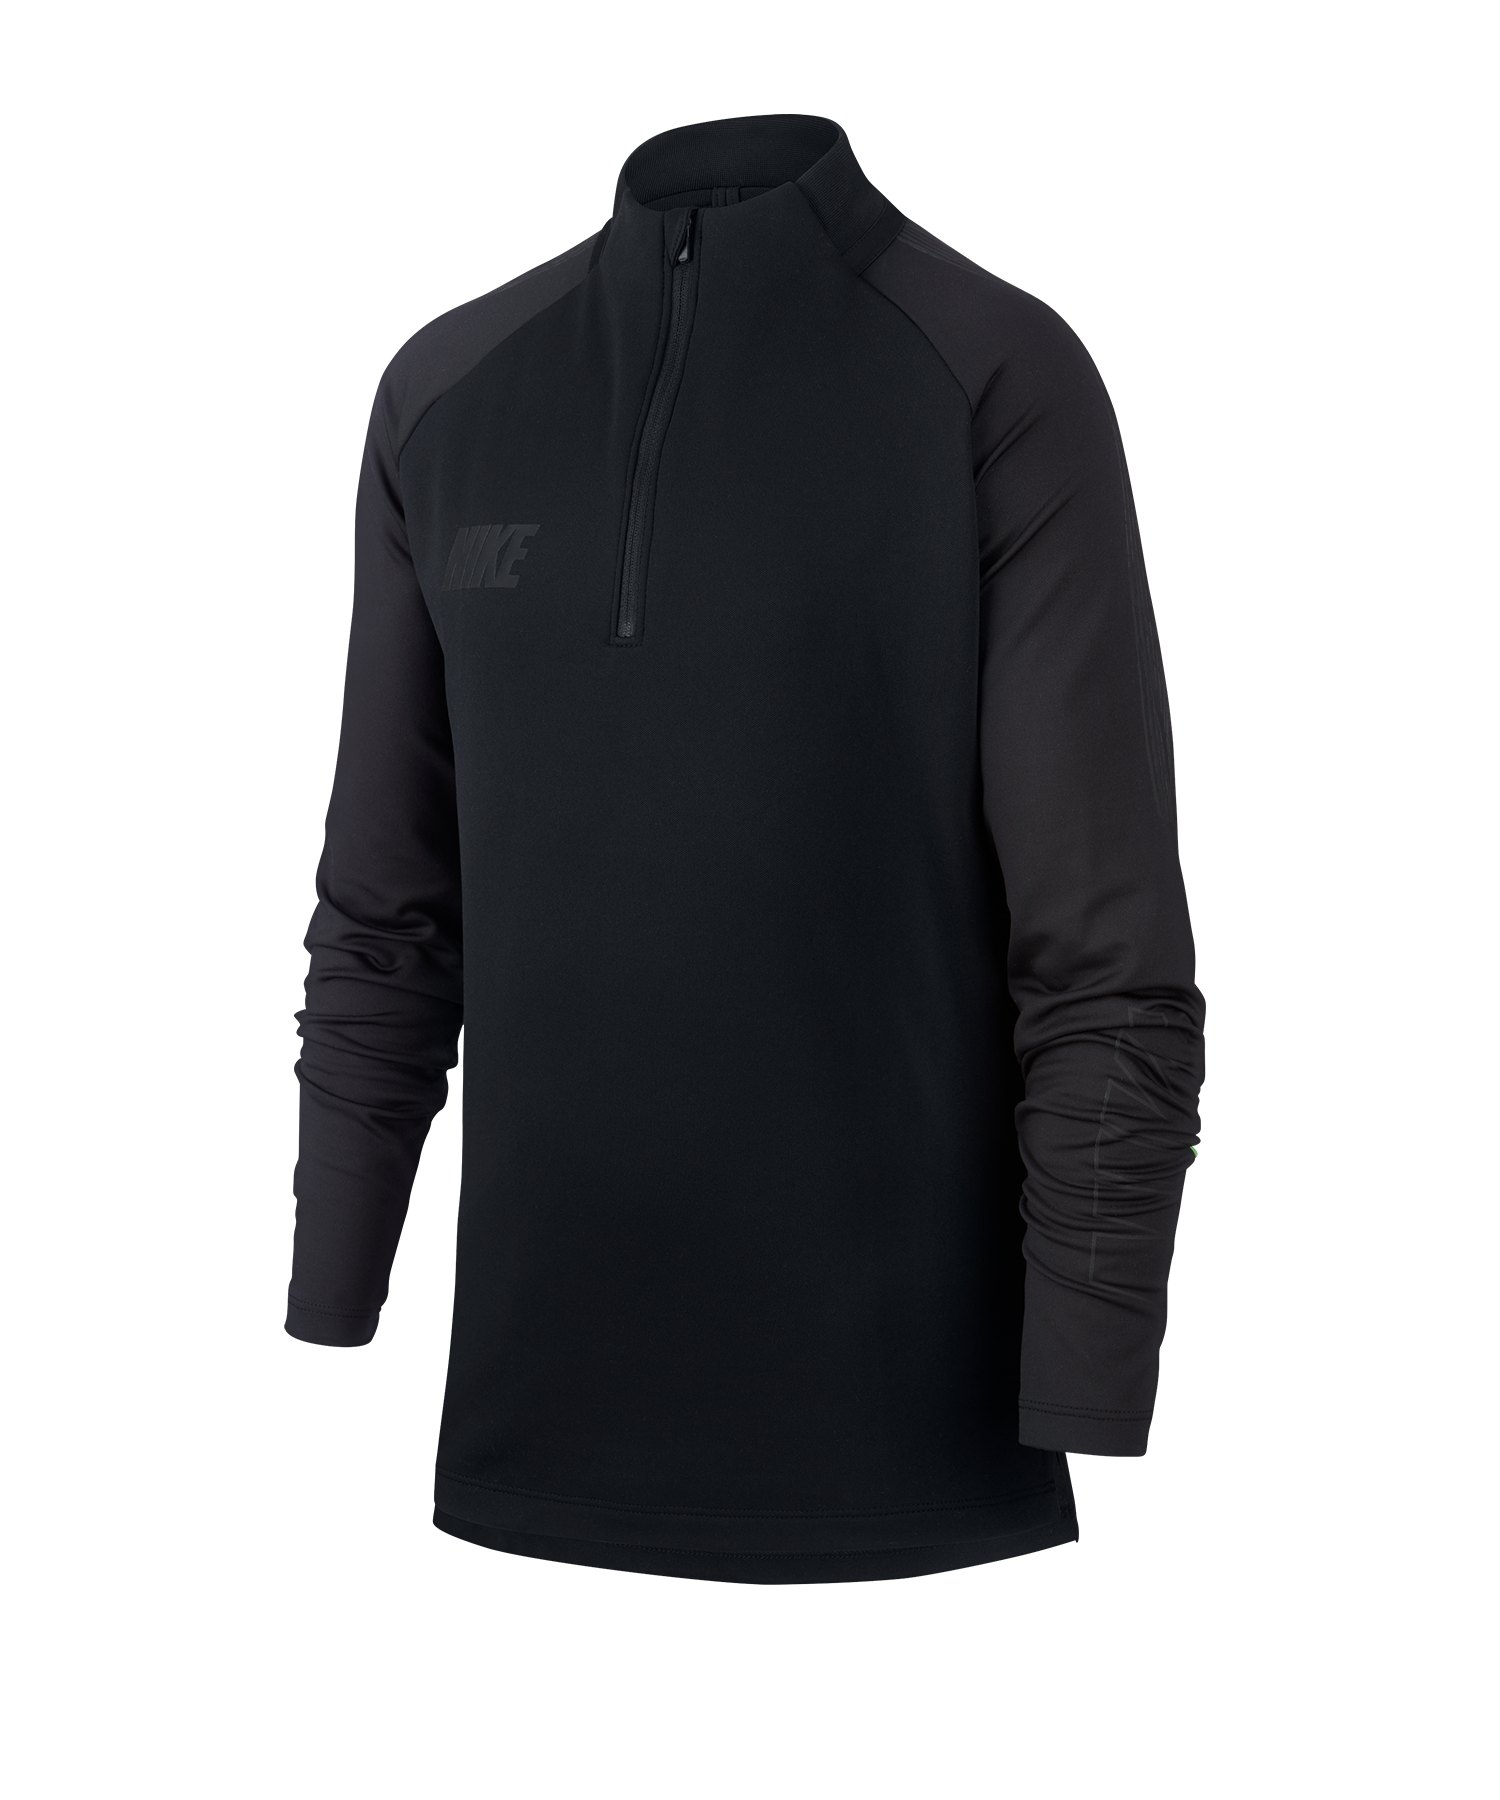 Nike Squad 19 Drill Top Sweatshirt Kids F013 - schwarz